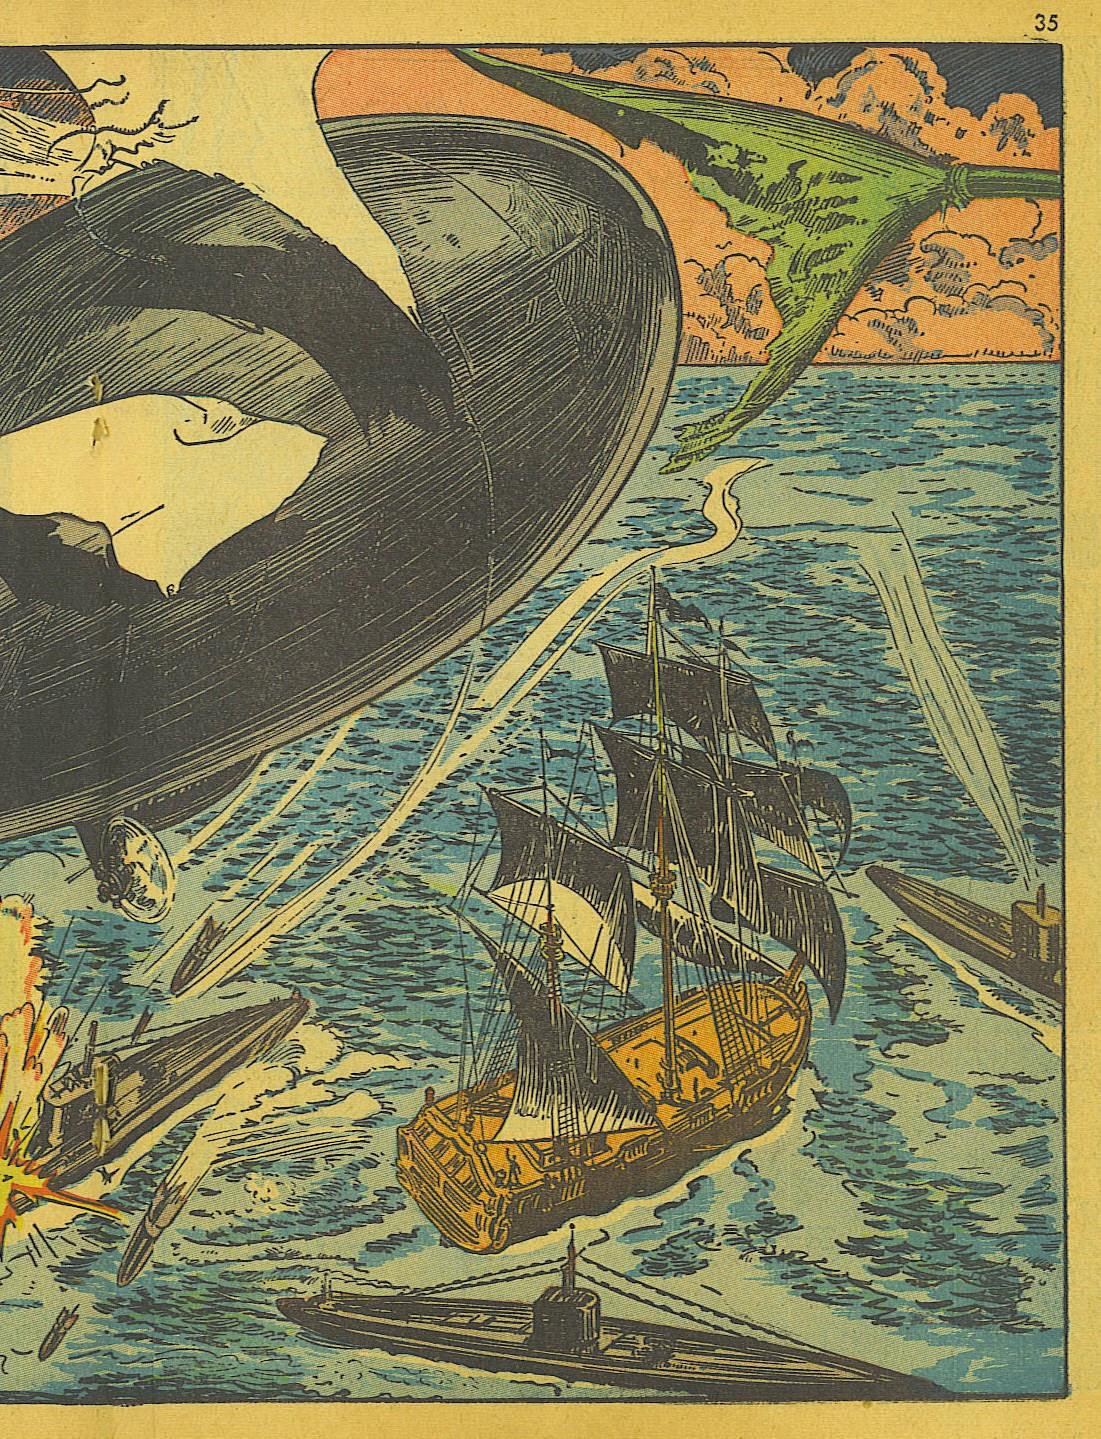 Read online Super-Magician Comics comic -  Issue #10 - 35